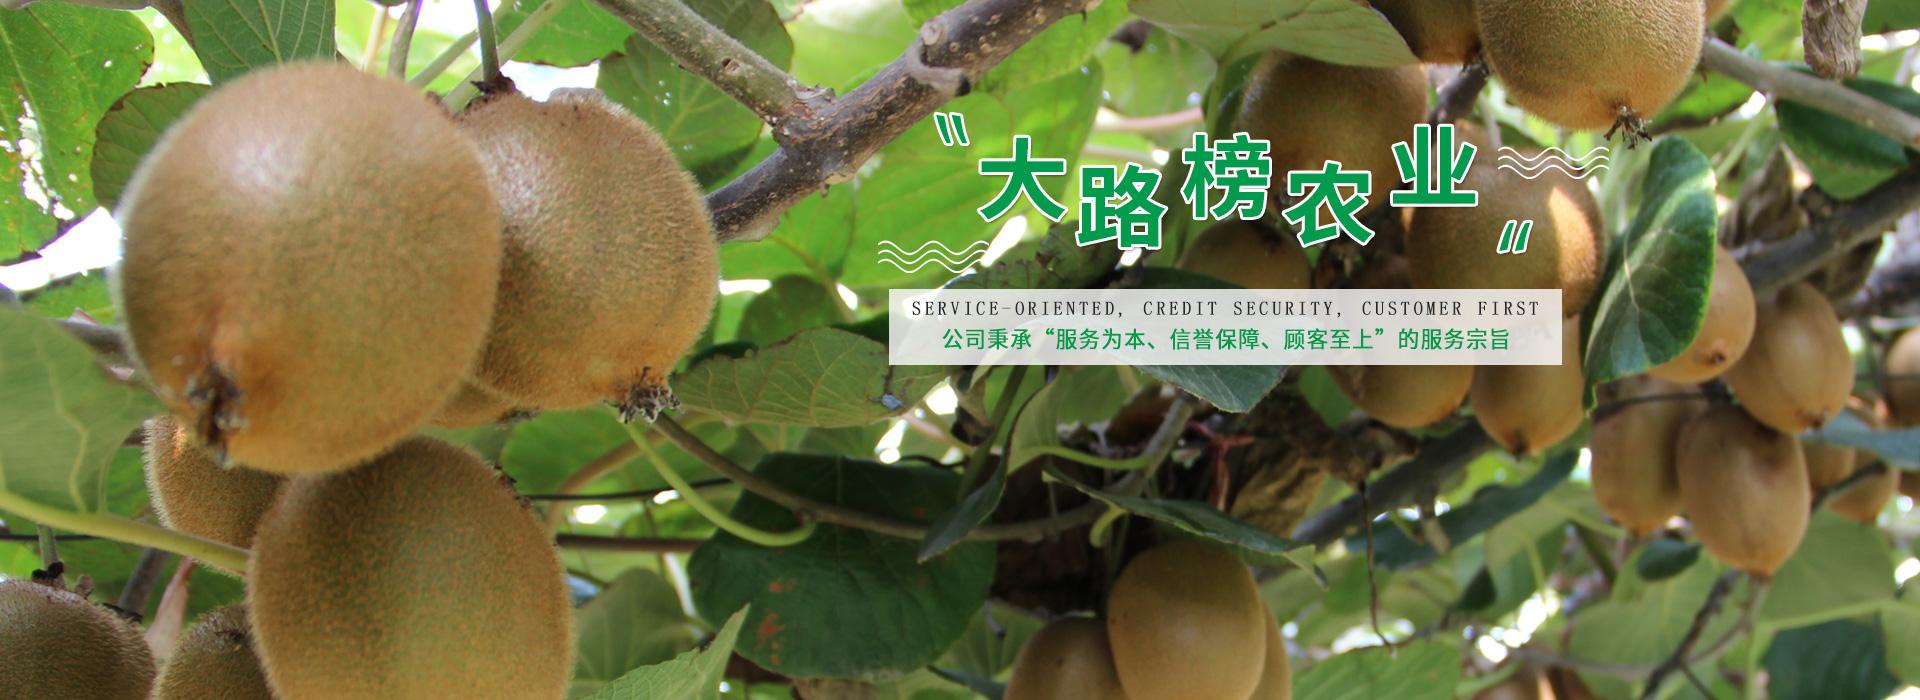 泸州猕猴桃种植基地